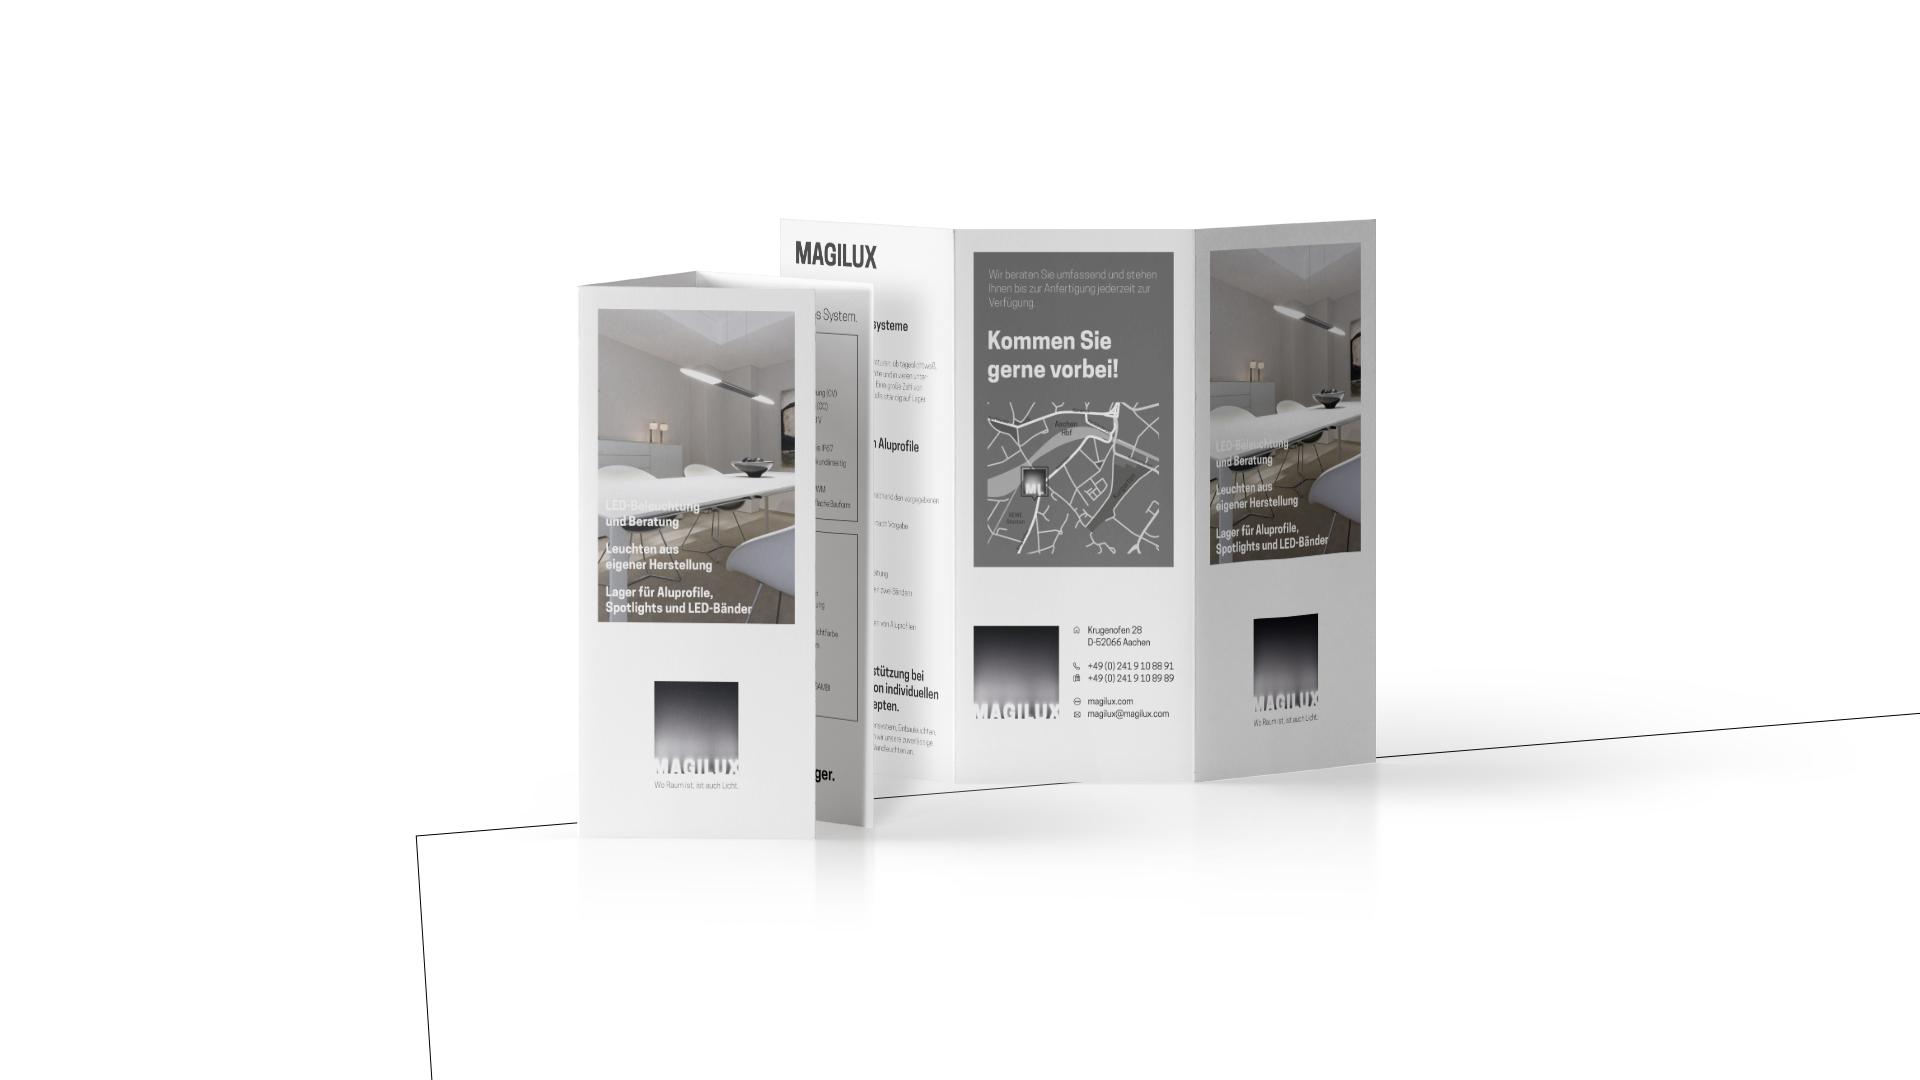 MAGILUX DIN-lang Flyer mit geöffneter Ansicht und Angeboten aus dem Sortiment.